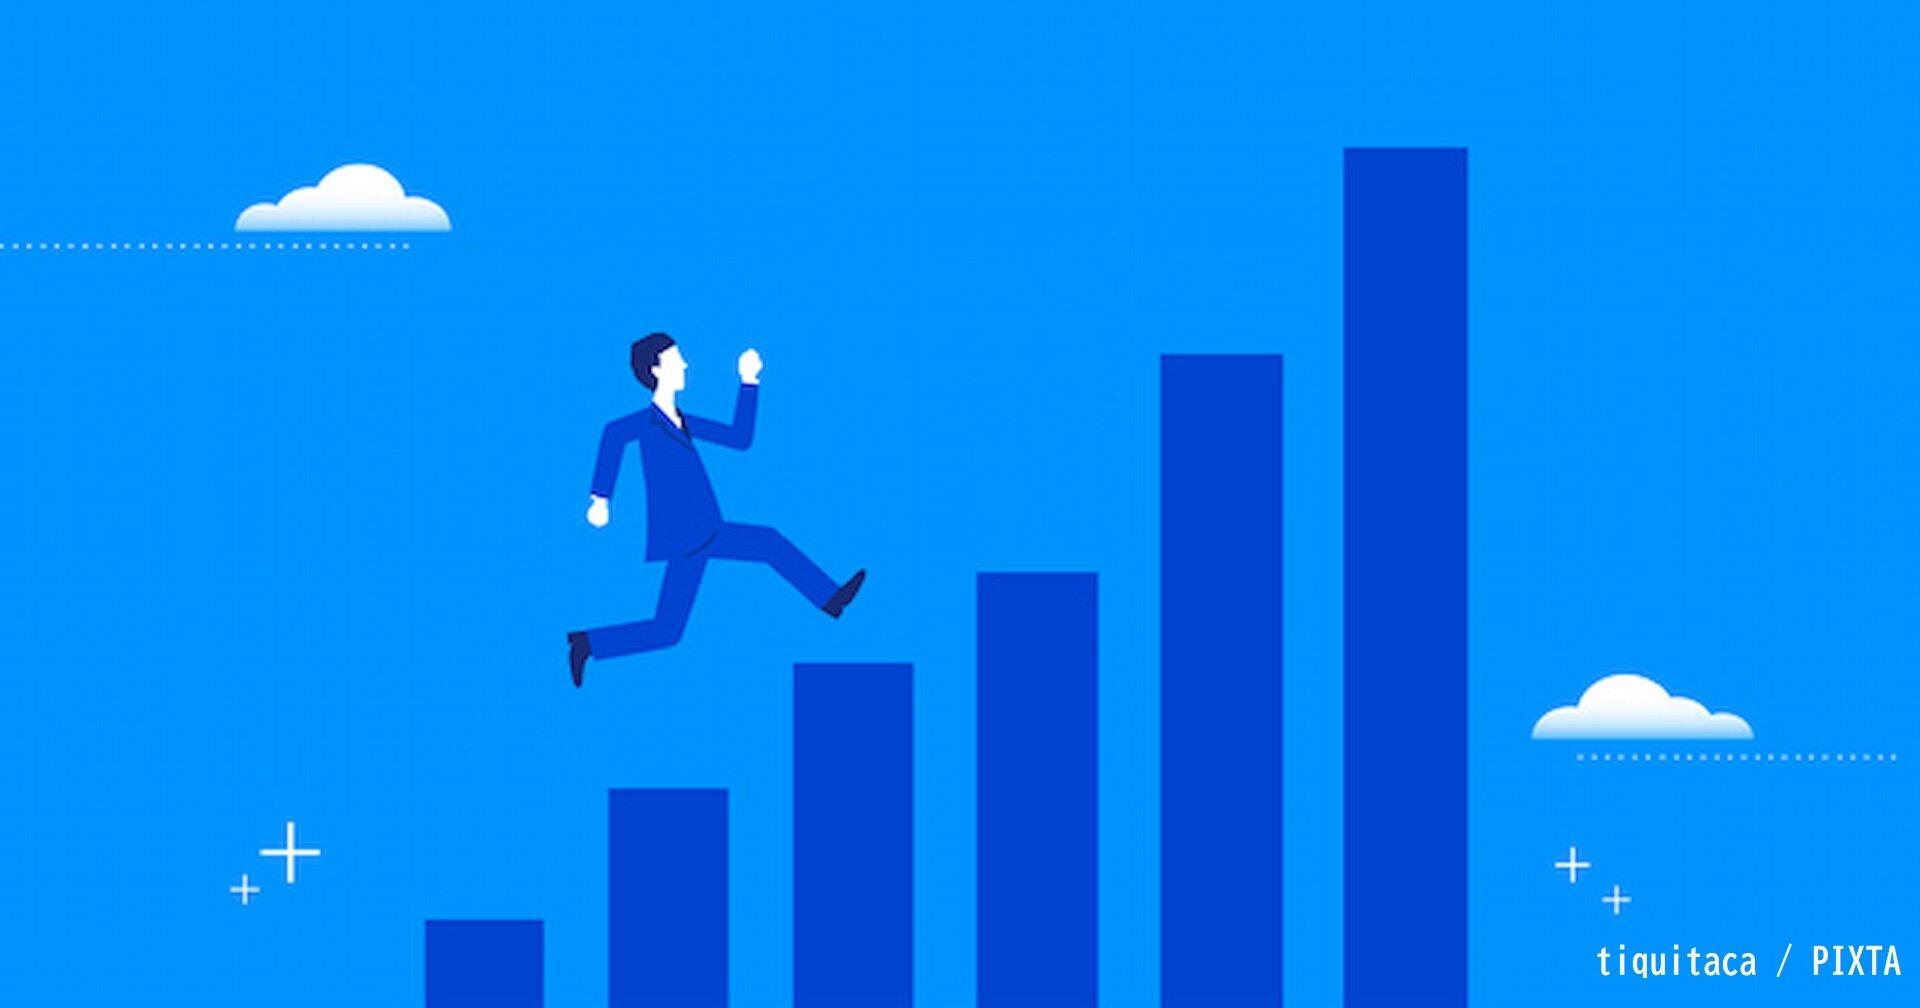 自責と他責 ビジネスで成長するための考え方はどちら?